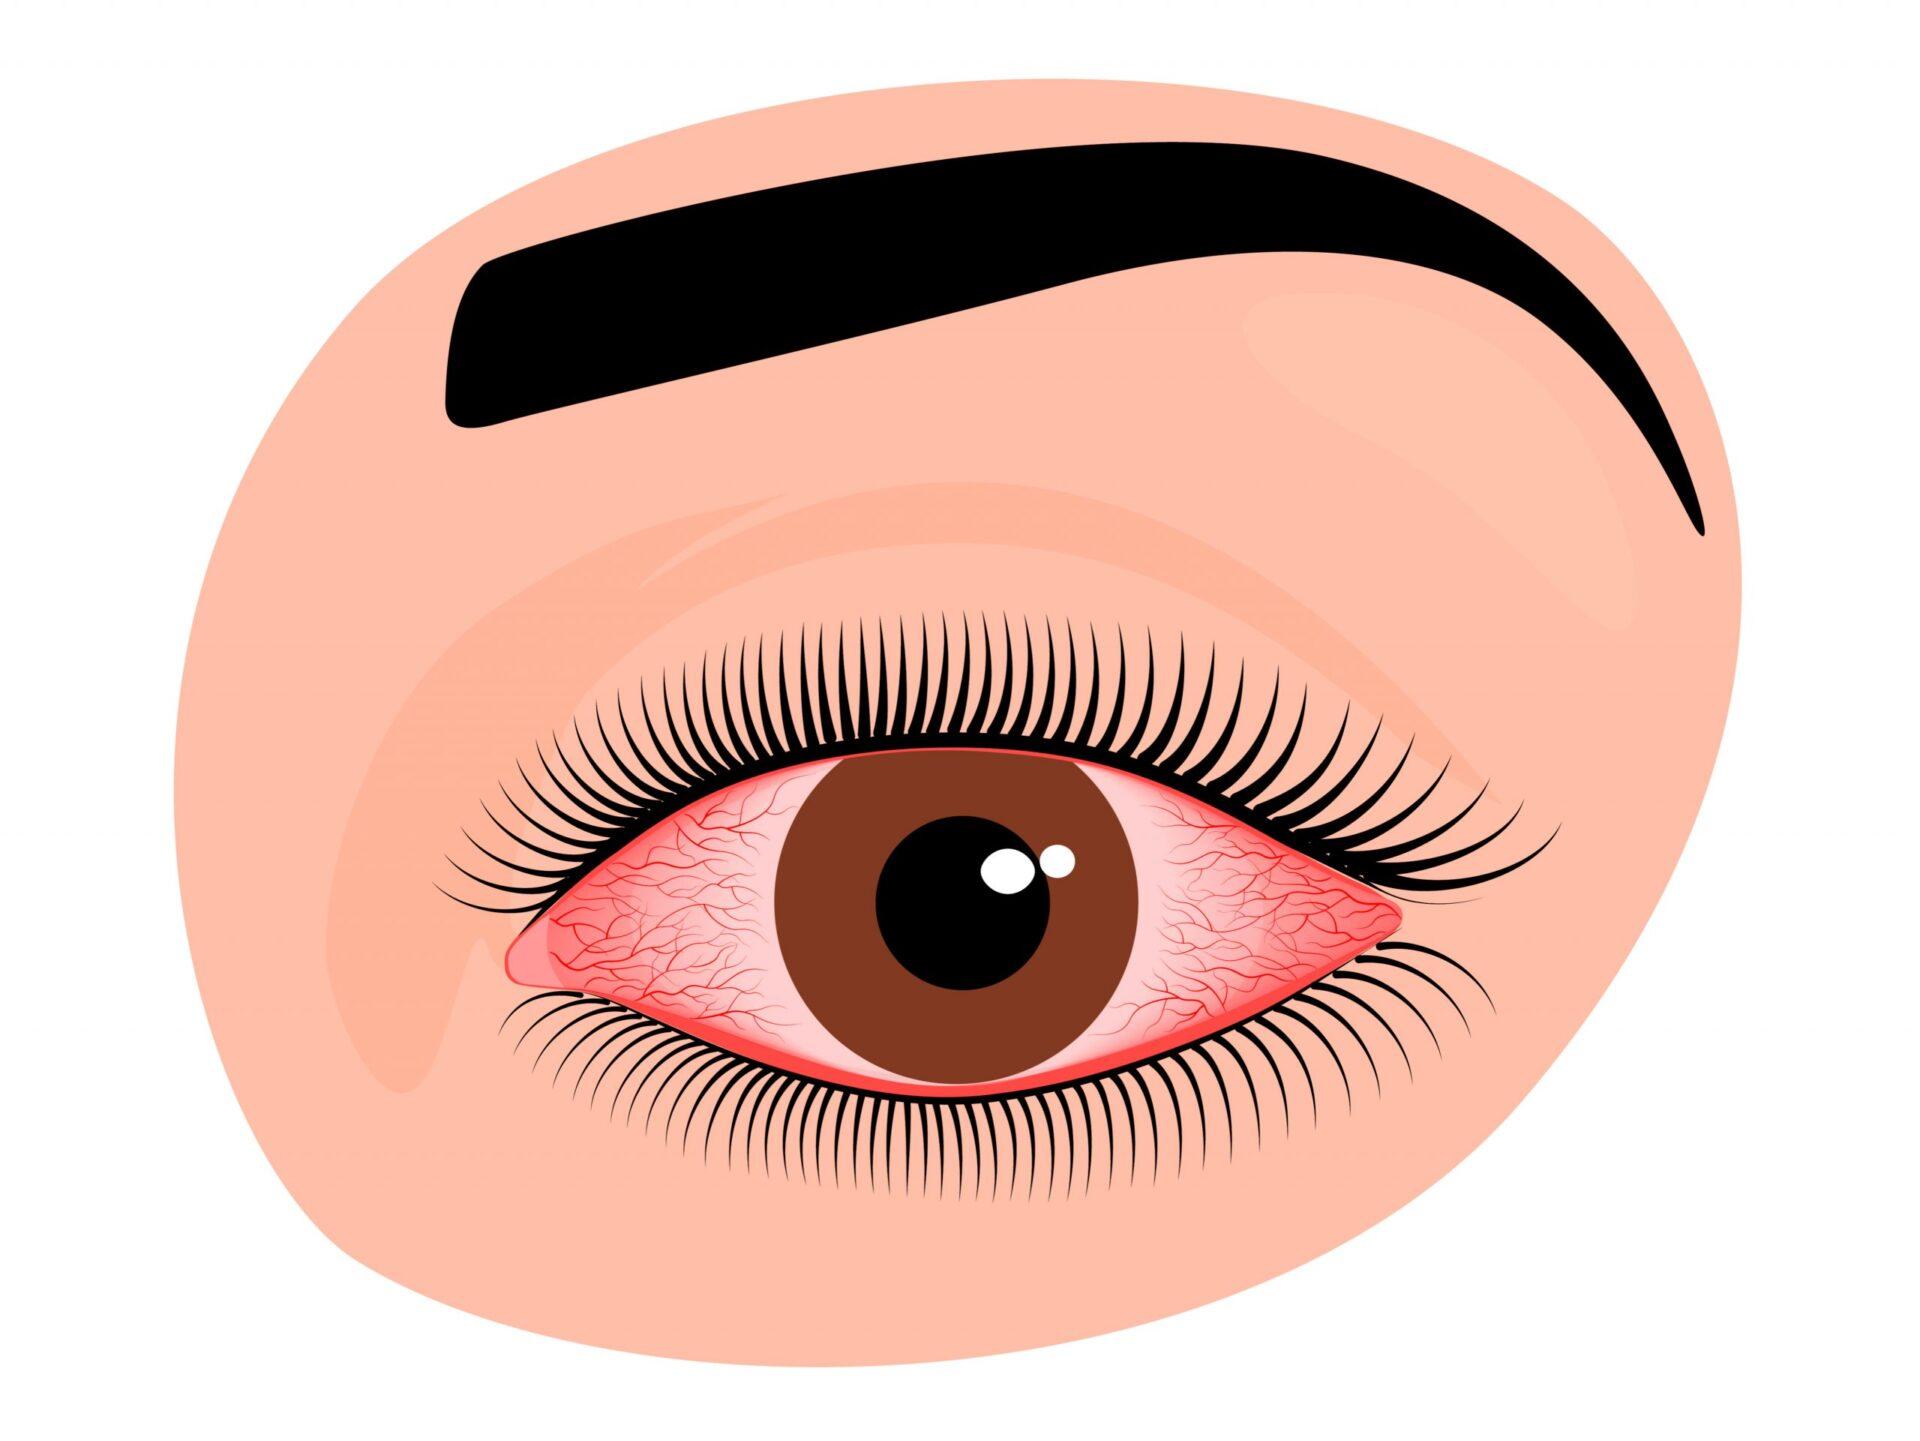 Pentru a preveni infectarea cu Covid-19, poartă și ochelari, nu doar mască, atunci când ieși din casă.